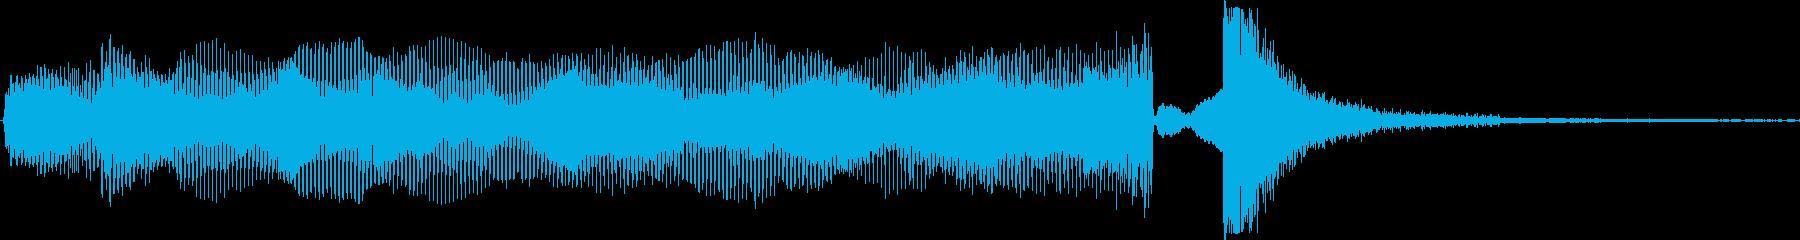 動画 ドキュメンタリー コーポレートの再生済みの波形